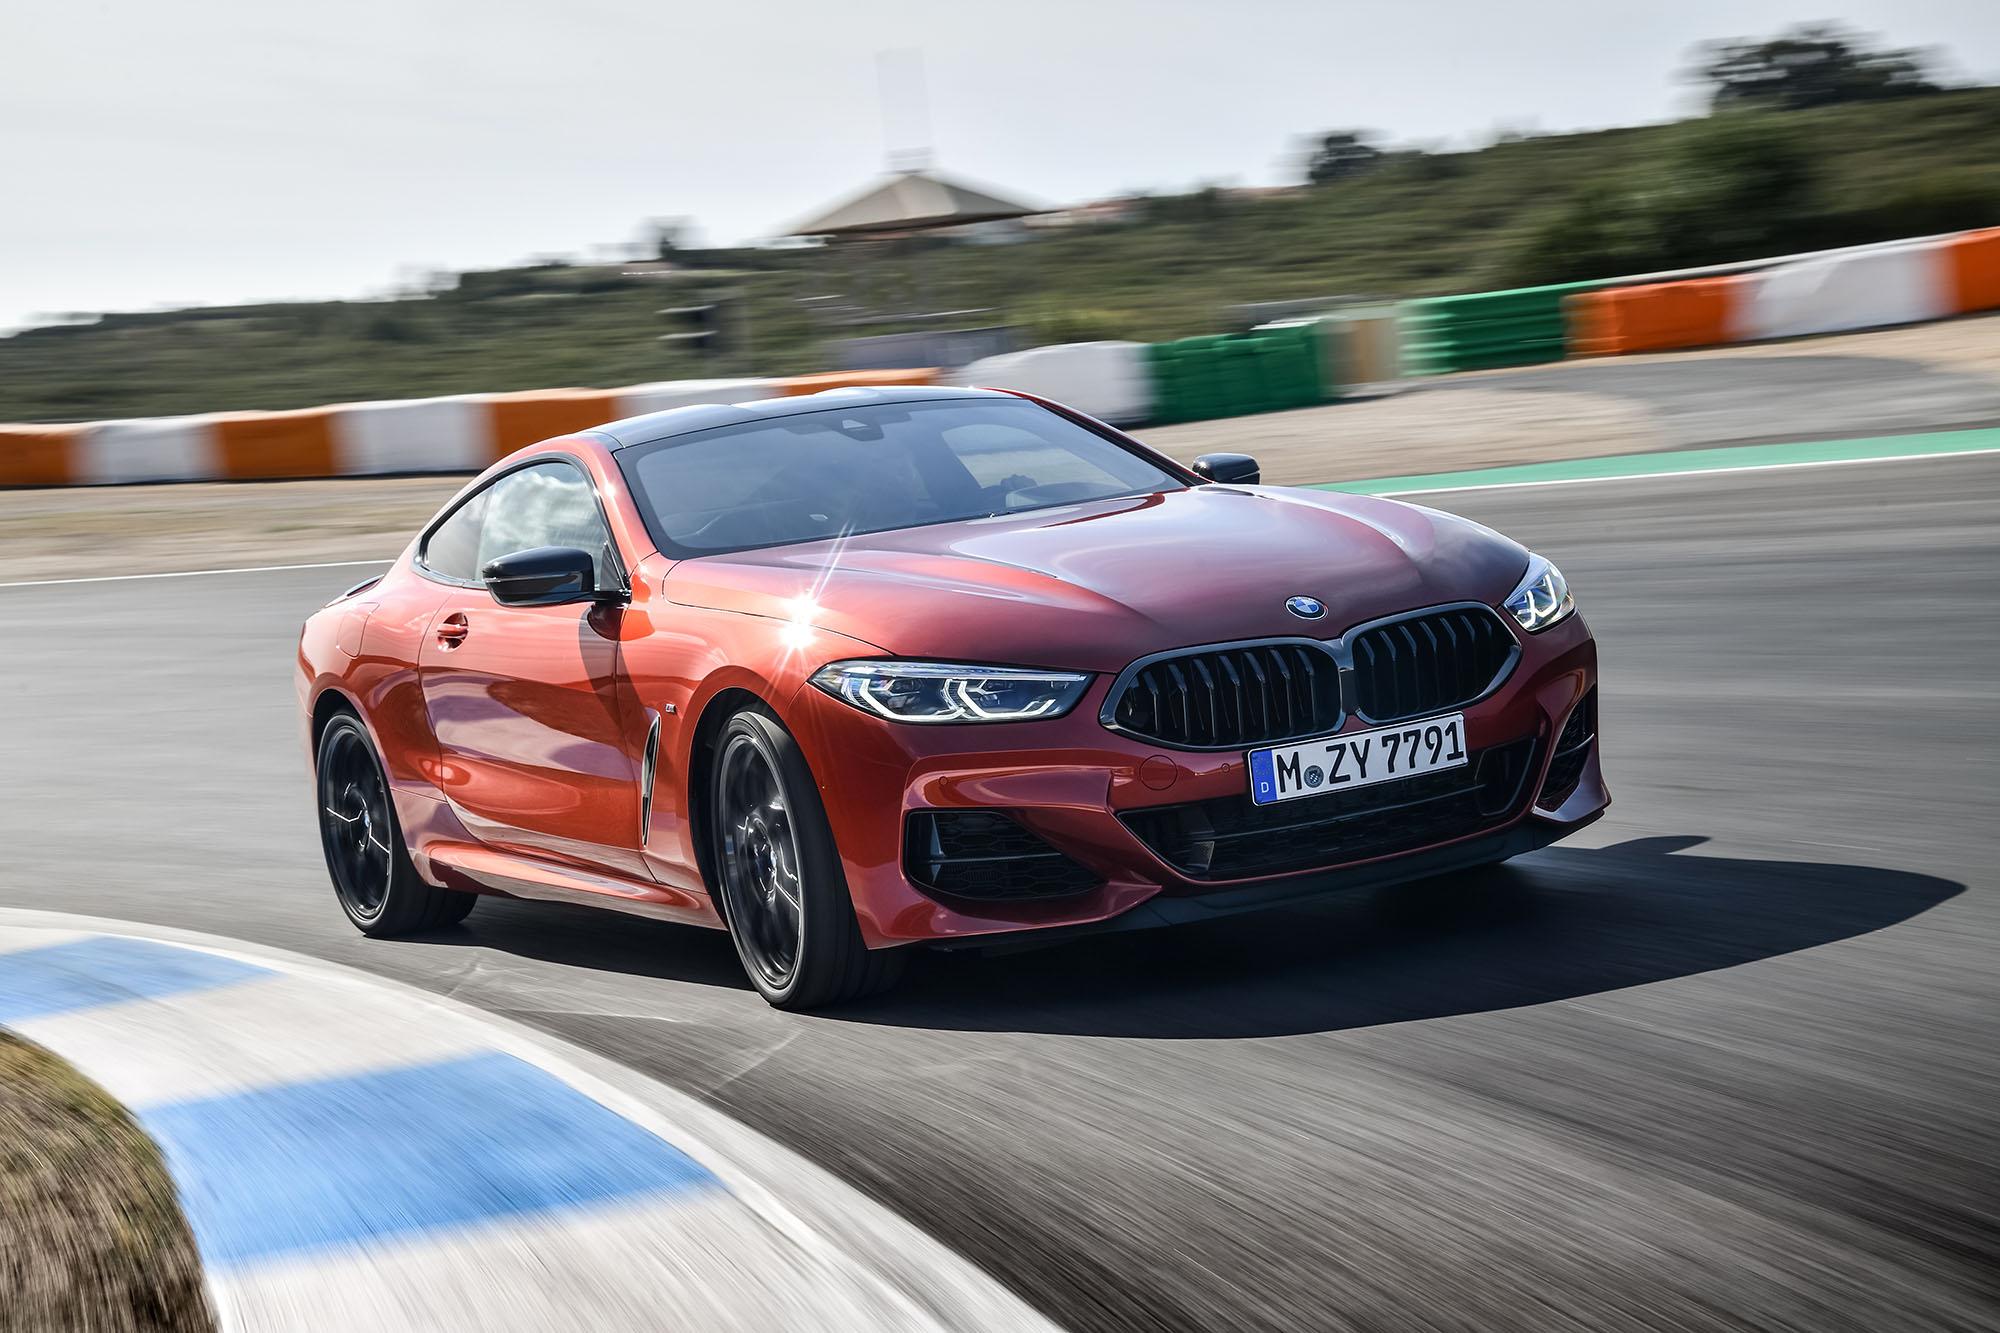 0f99e3bf49749 Dwa wyjątkowe samochody – terenowy SAV i sportowe coupe, czyli nowe BMW X5  oraz BMW serii 8 – już 24 listopada pojawią się w salonach Inchcape Polska.